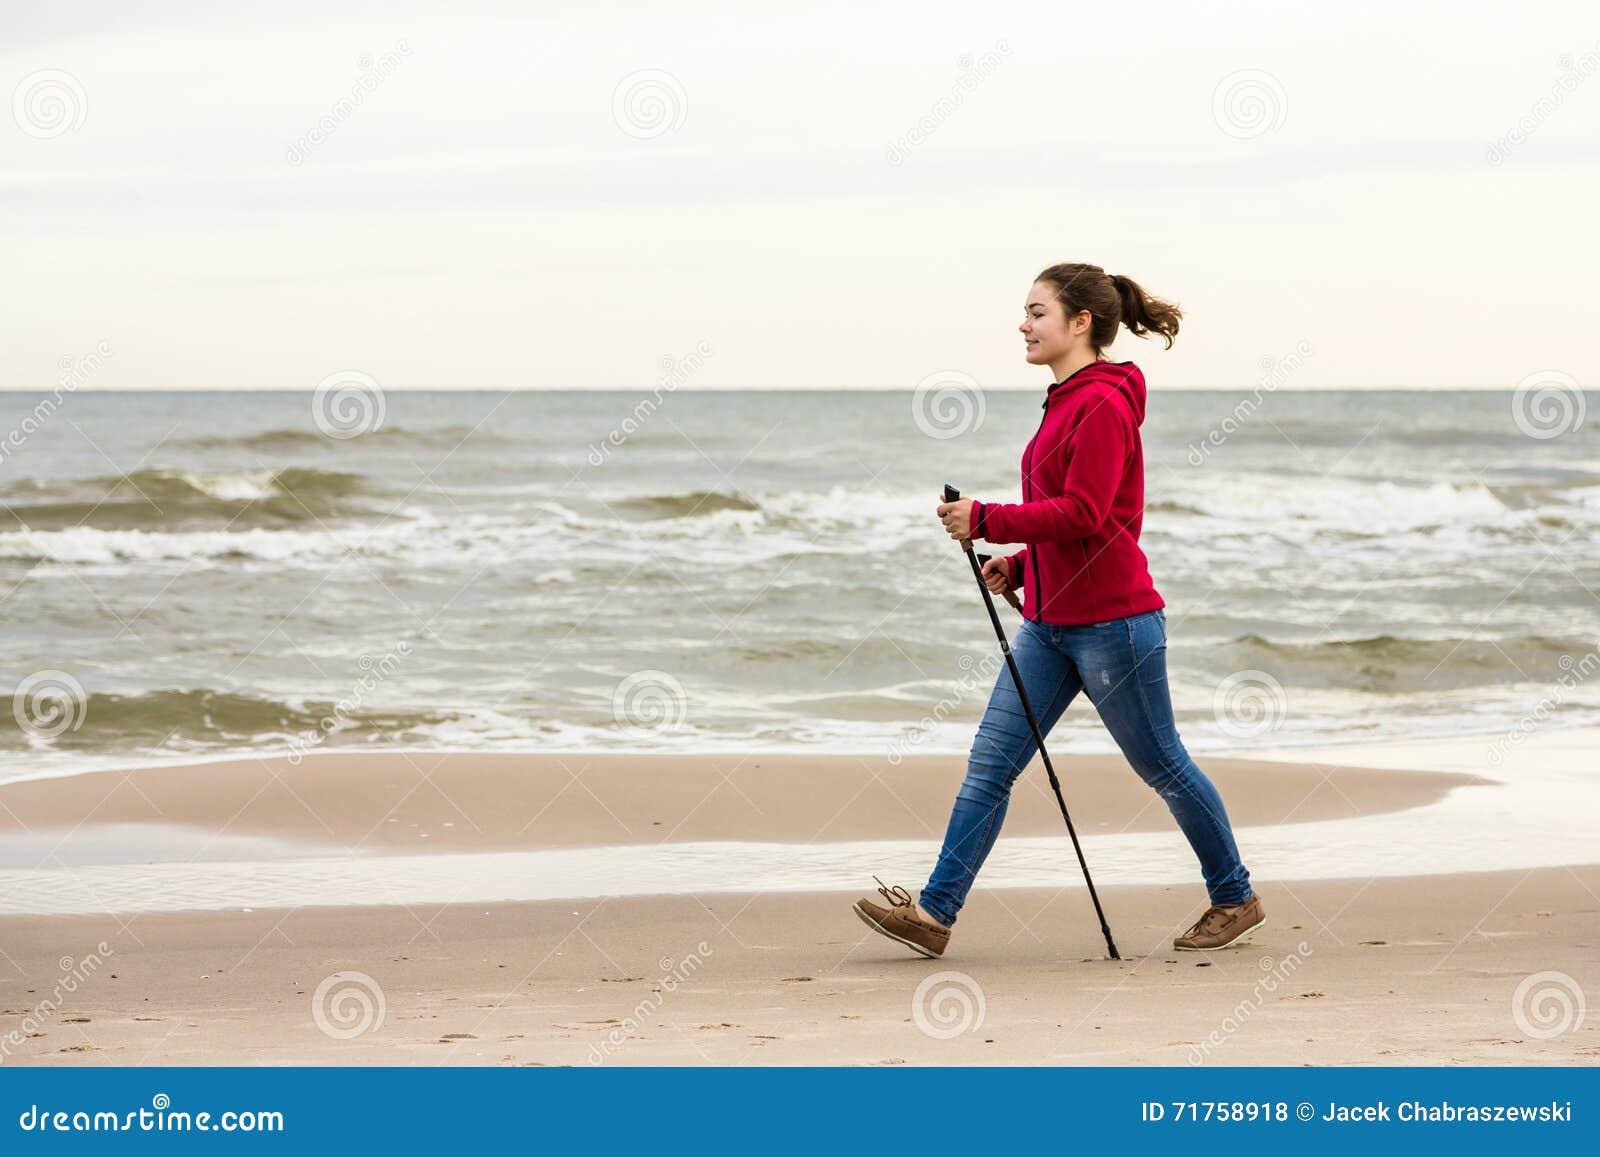 Σκανδιναβικό περπάτημα - νέο κορίτσι που επιλύει στην παραλία